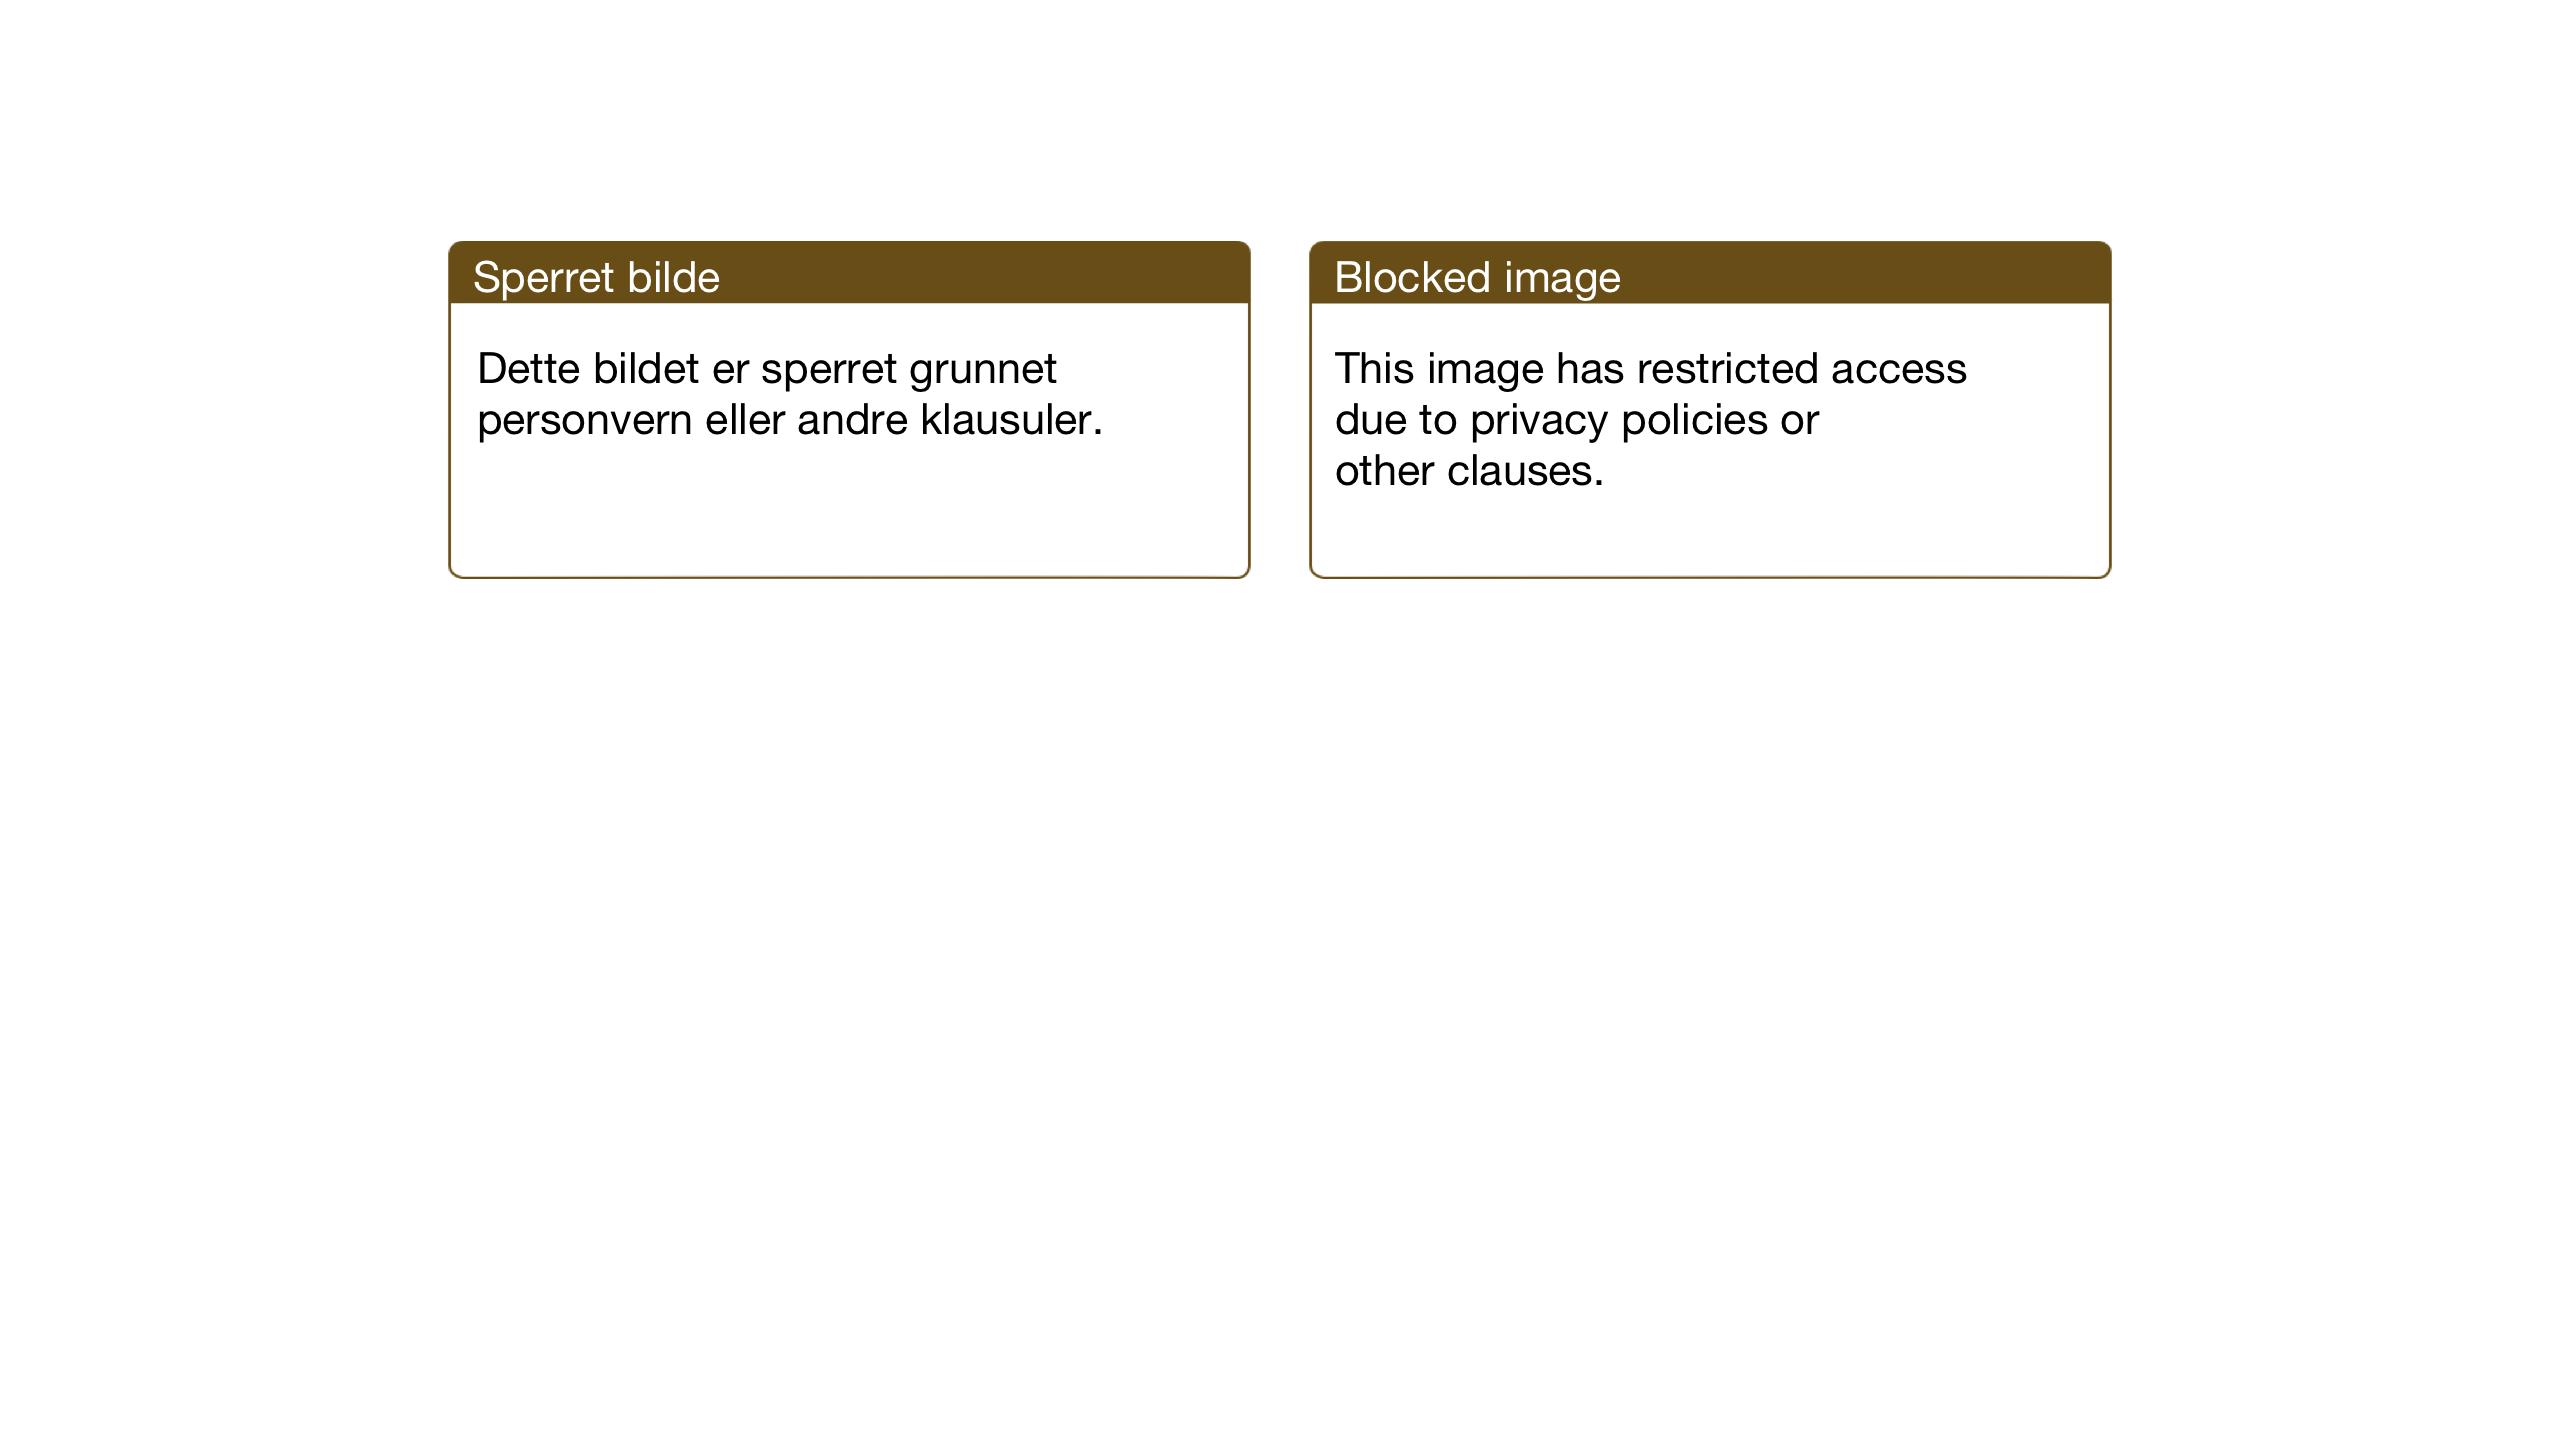 SAT, Ministerialprotokoller, klokkerbøker og fødselsregistre - Sør-Trøndelag, 615/L0401: Klokkerbok nr. 615C02, 1922-1941, s. 76